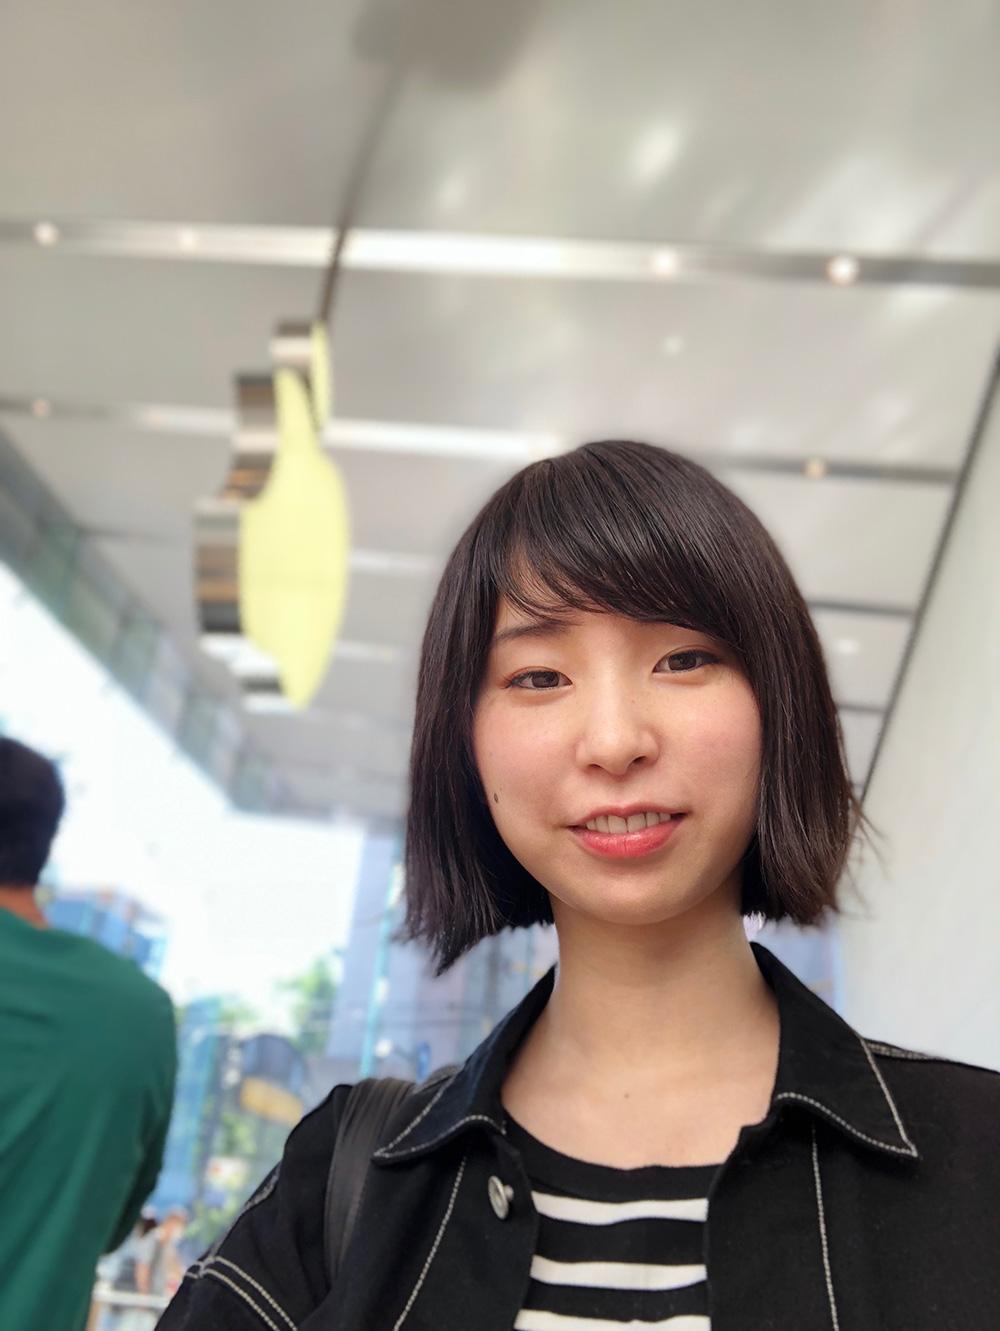 iPhoneXインカメラ写真